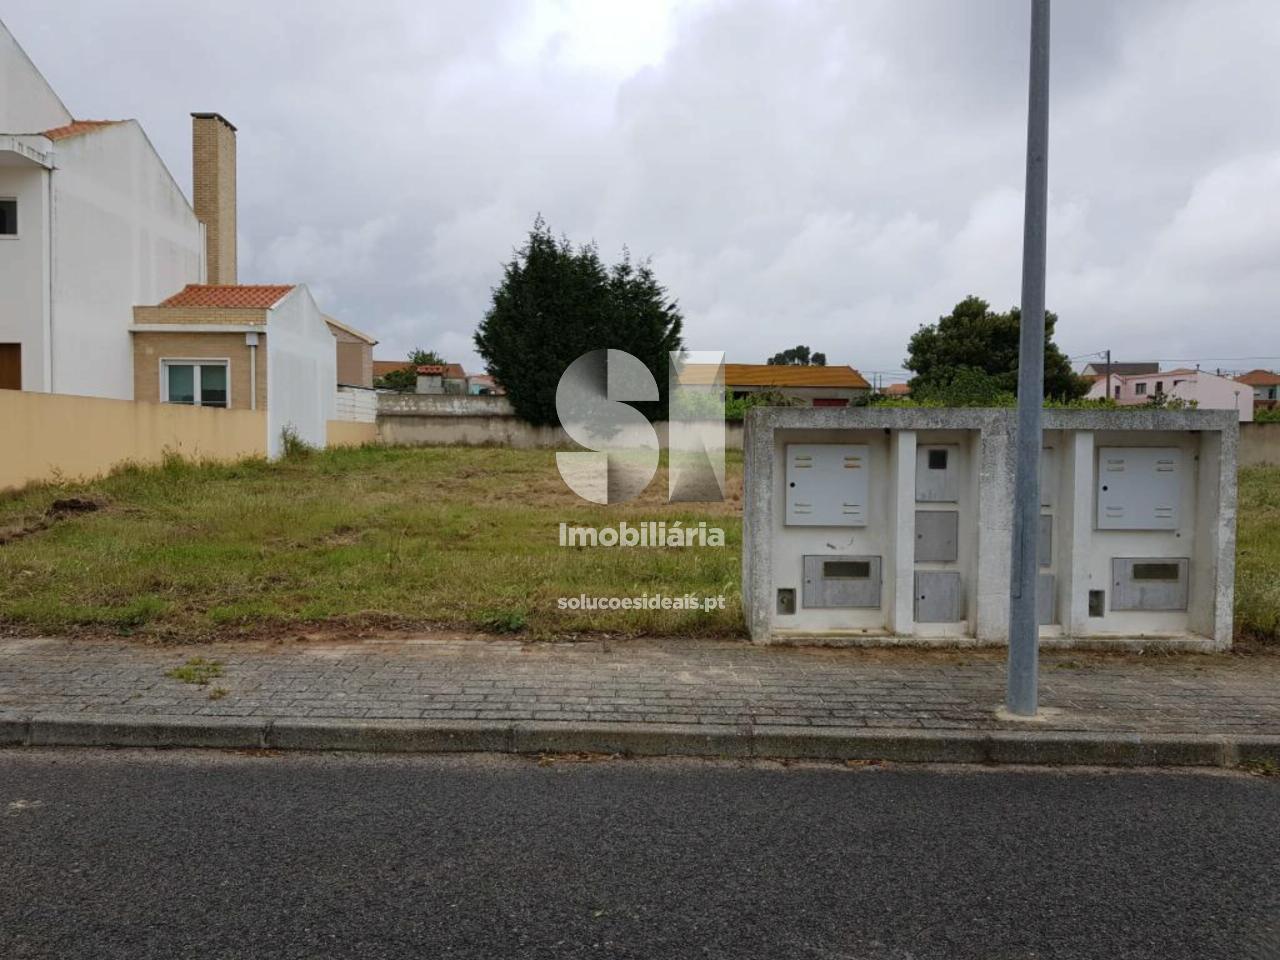 terreno para compra em torres vedras uniao das freguesias de campelos e outeiro da cabeca LFCLM461_3